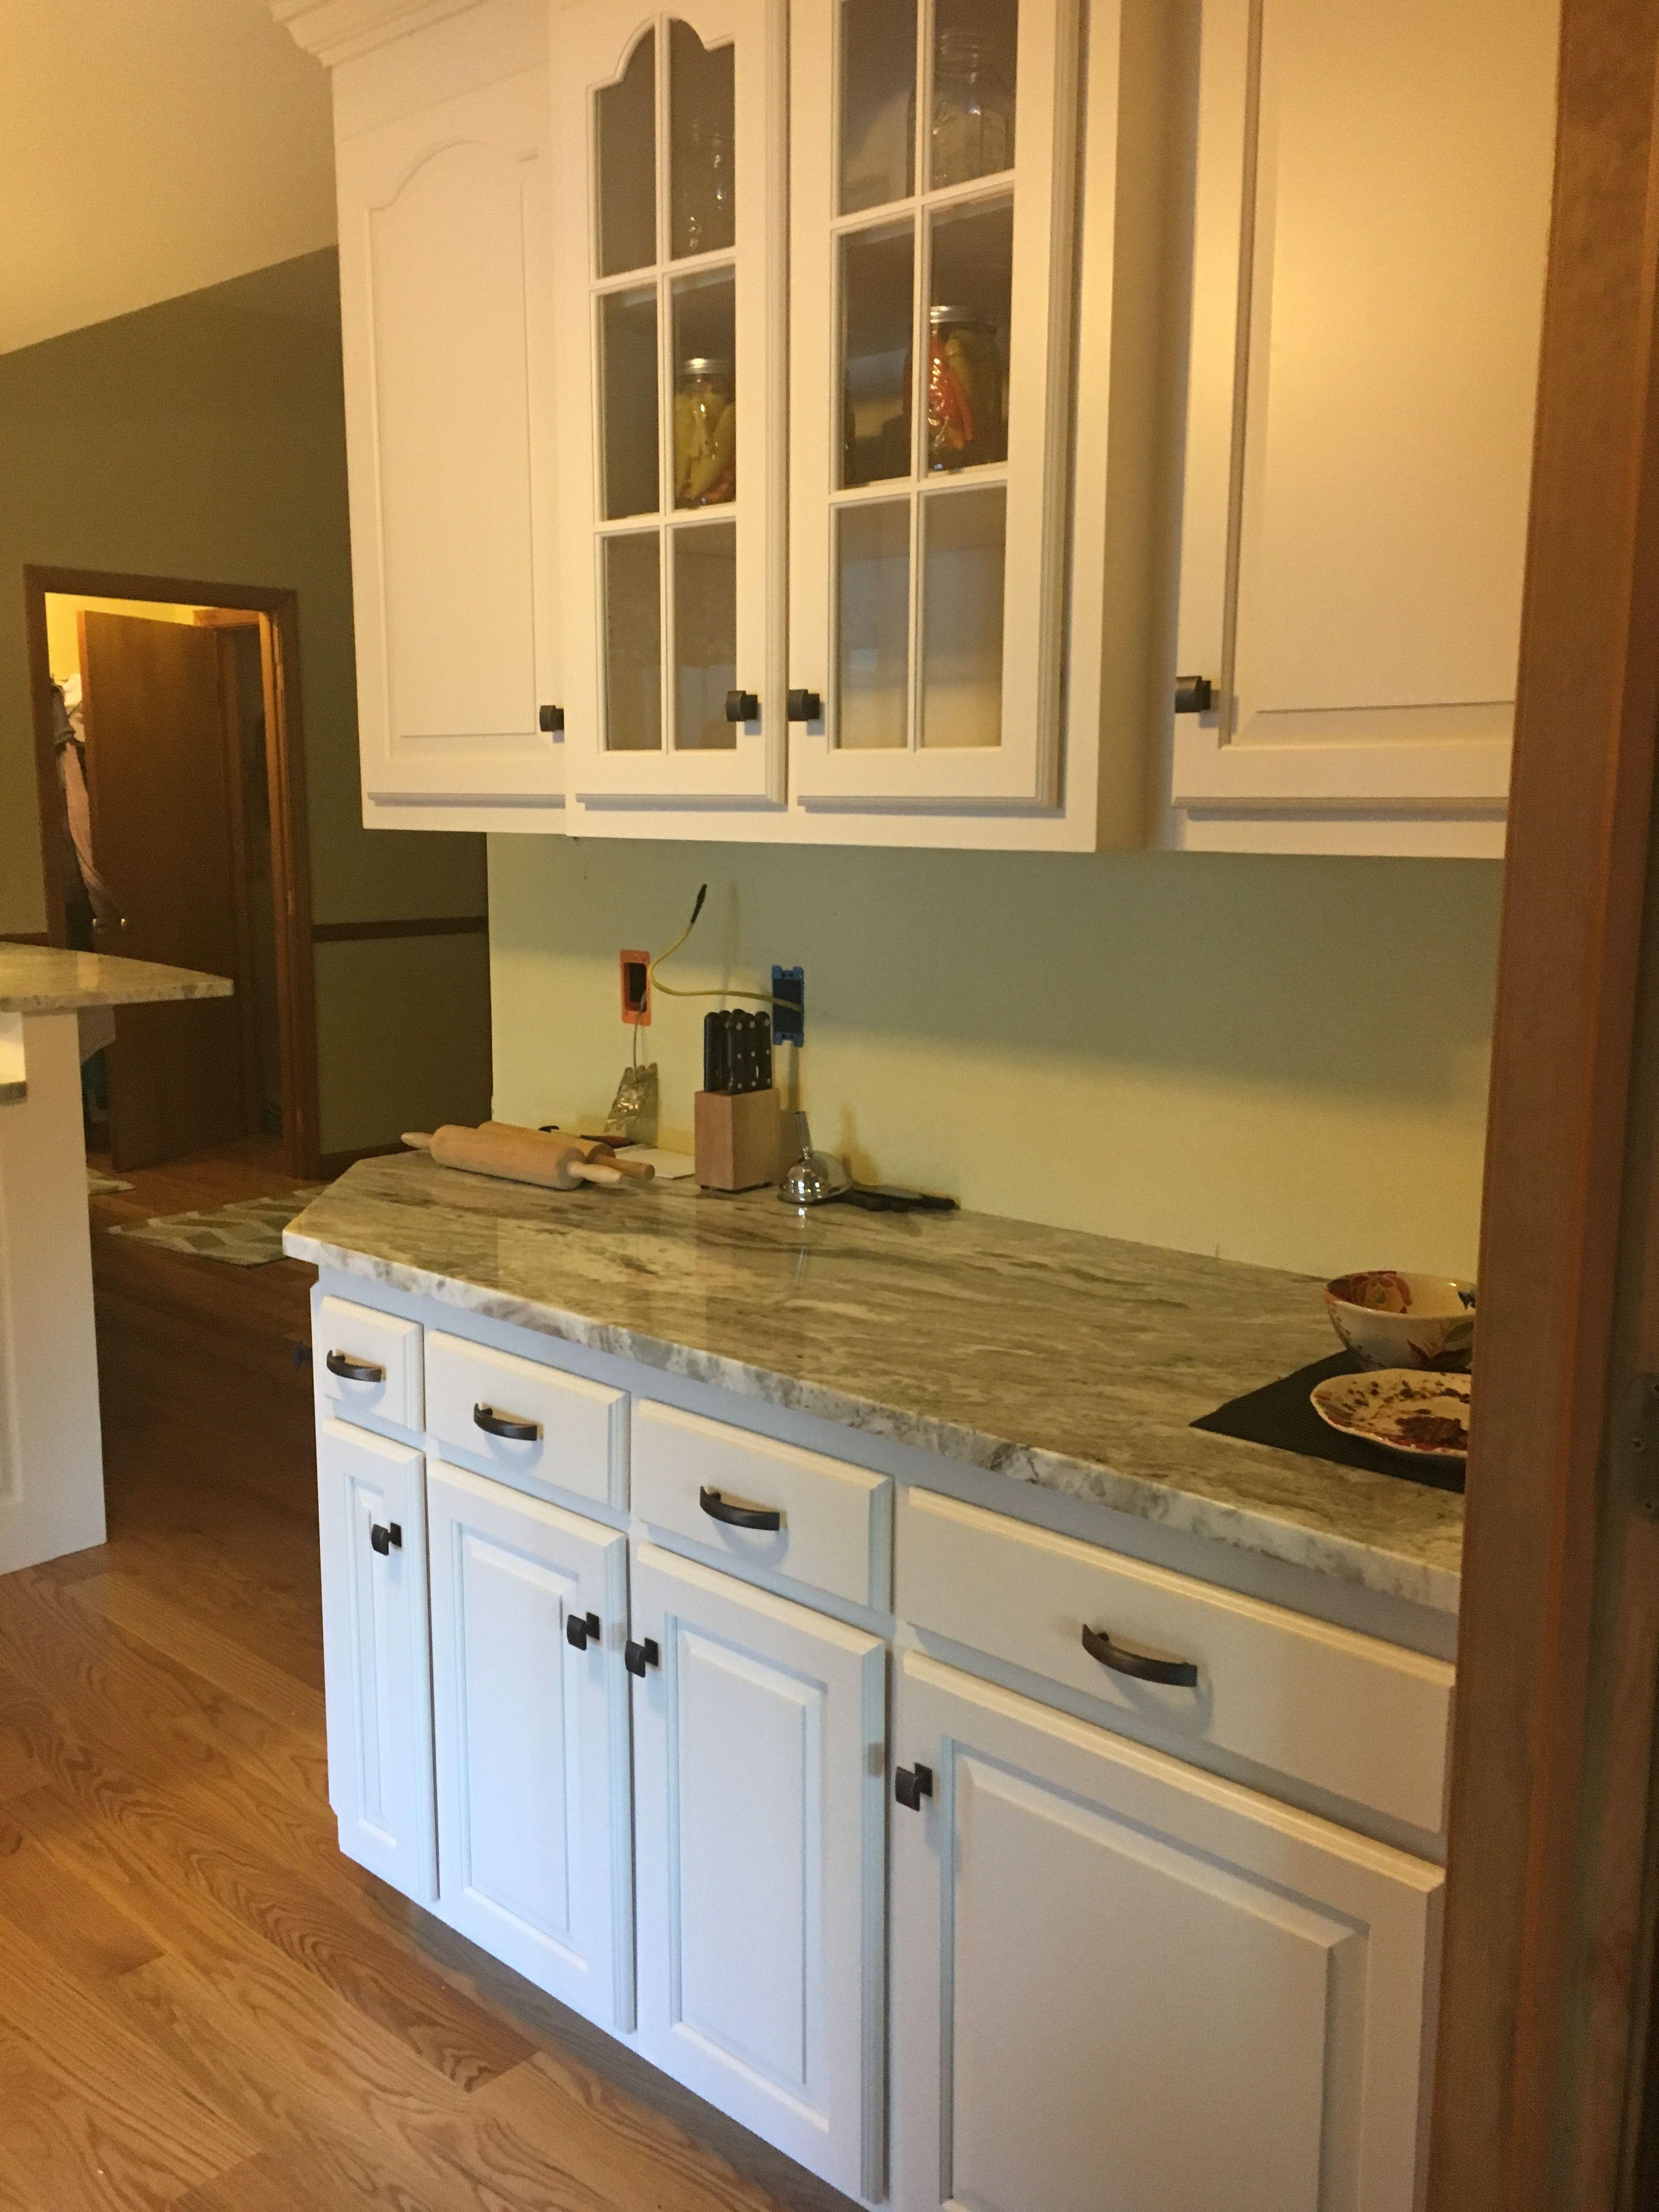 Stunning cream and zebrano kitchen | Home decor, Home, Kitchen